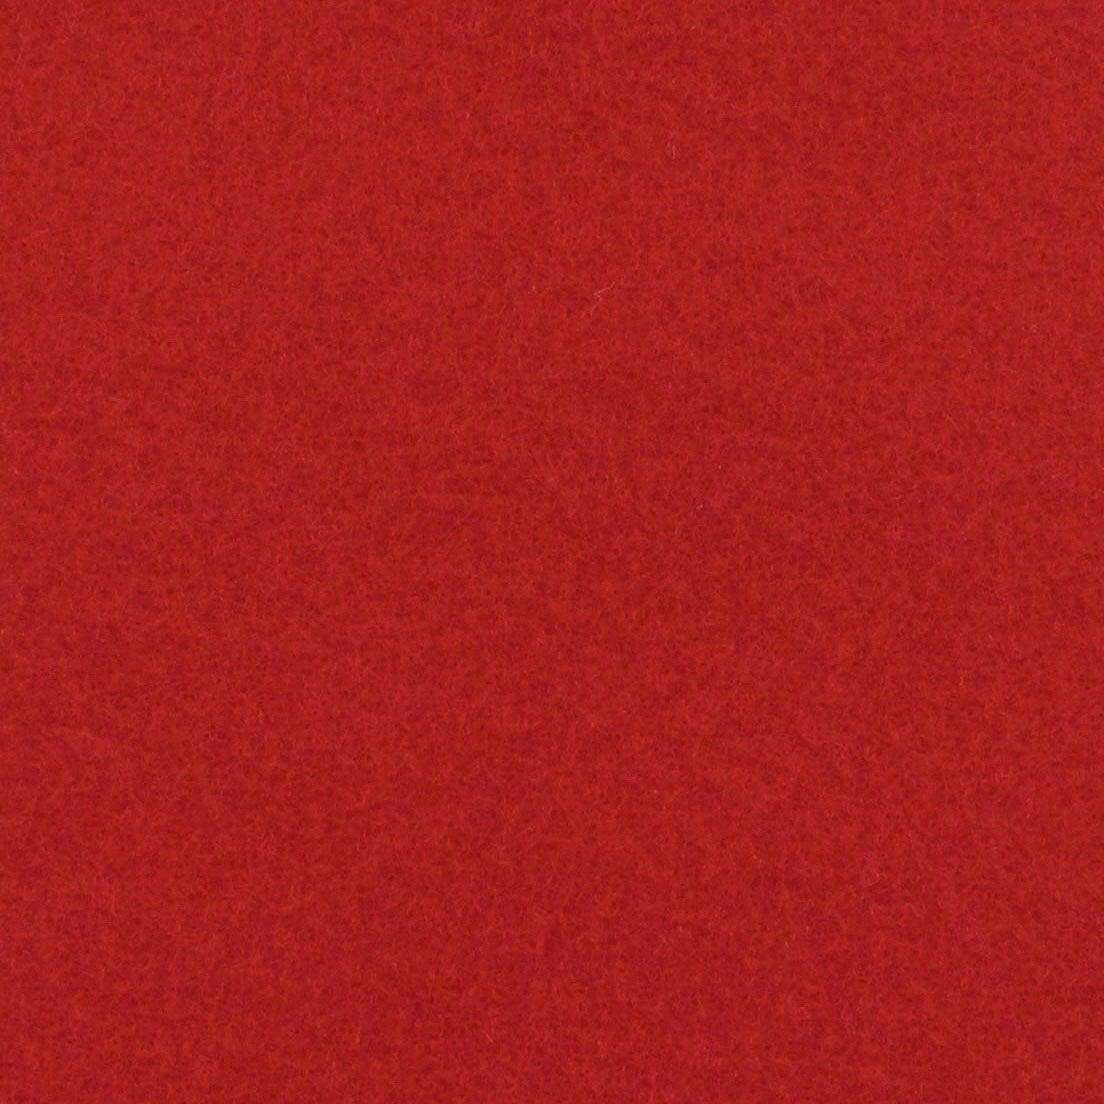 Good moquette aiguillet e expo style rouge m leroy merlin - Marchette escalier leroy merlin ...